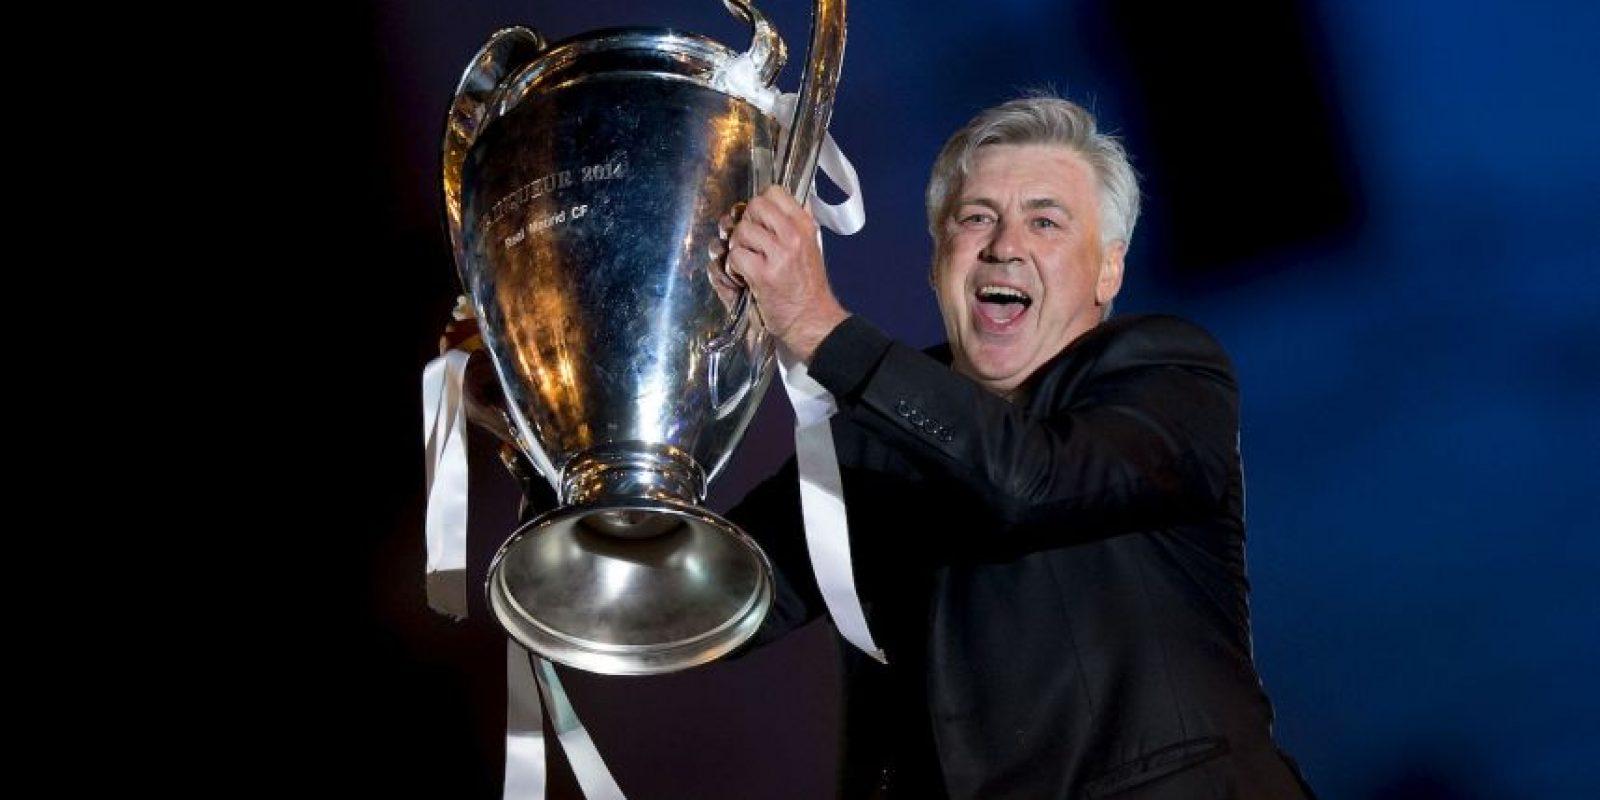 Carlo Ancelotti es un entrenador italiano. Actualmente dirige al Real Madrid. Foto:Getty Images